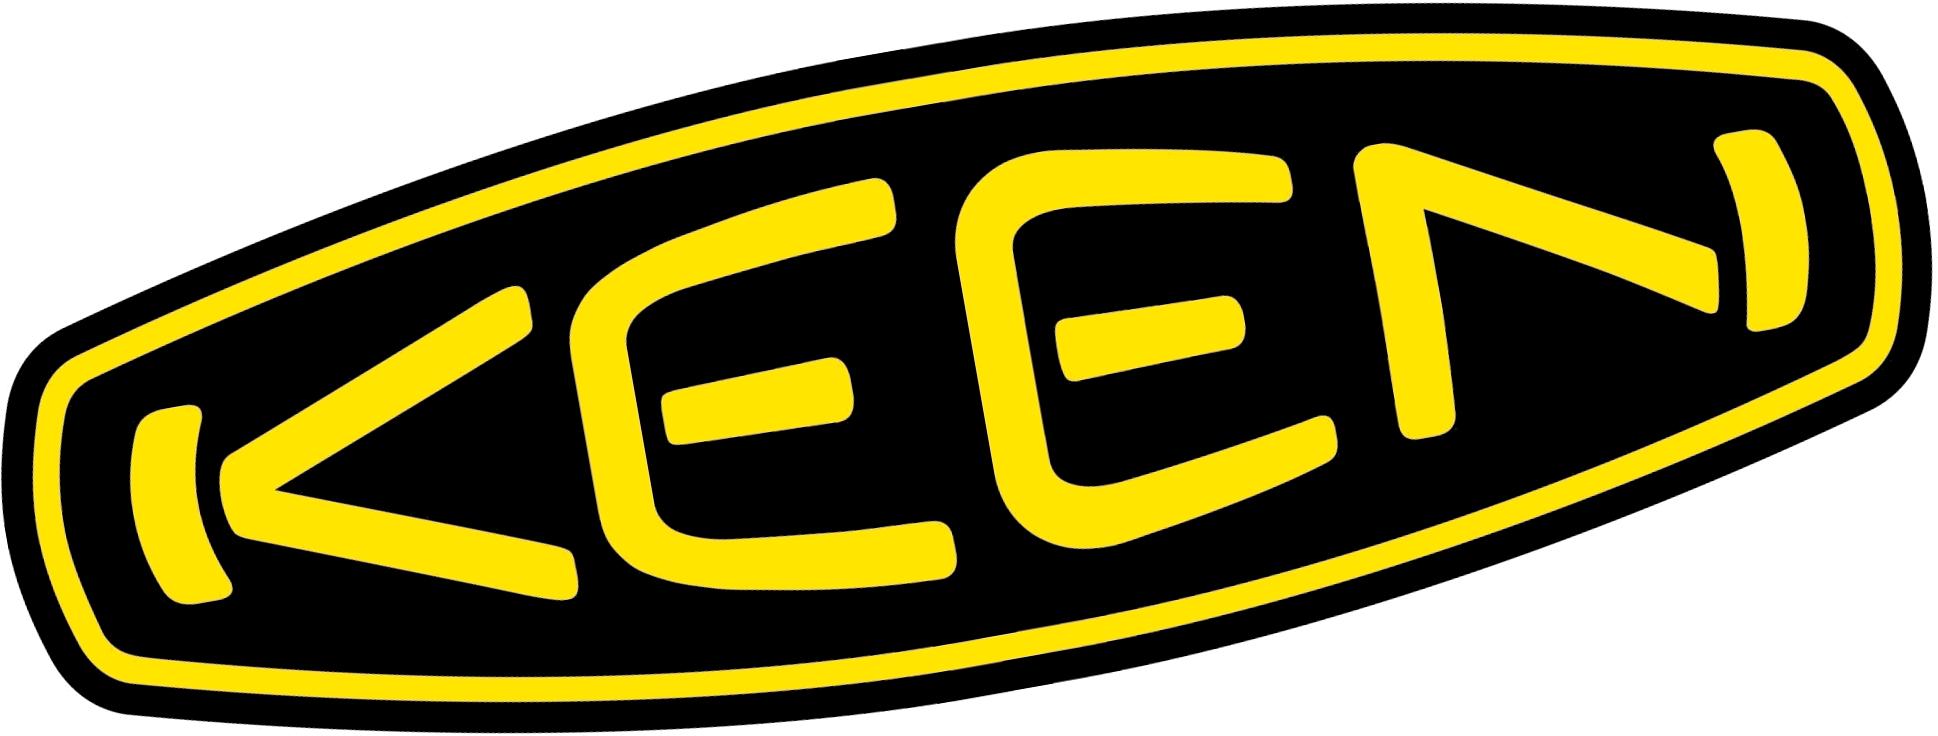 Keen - Logo